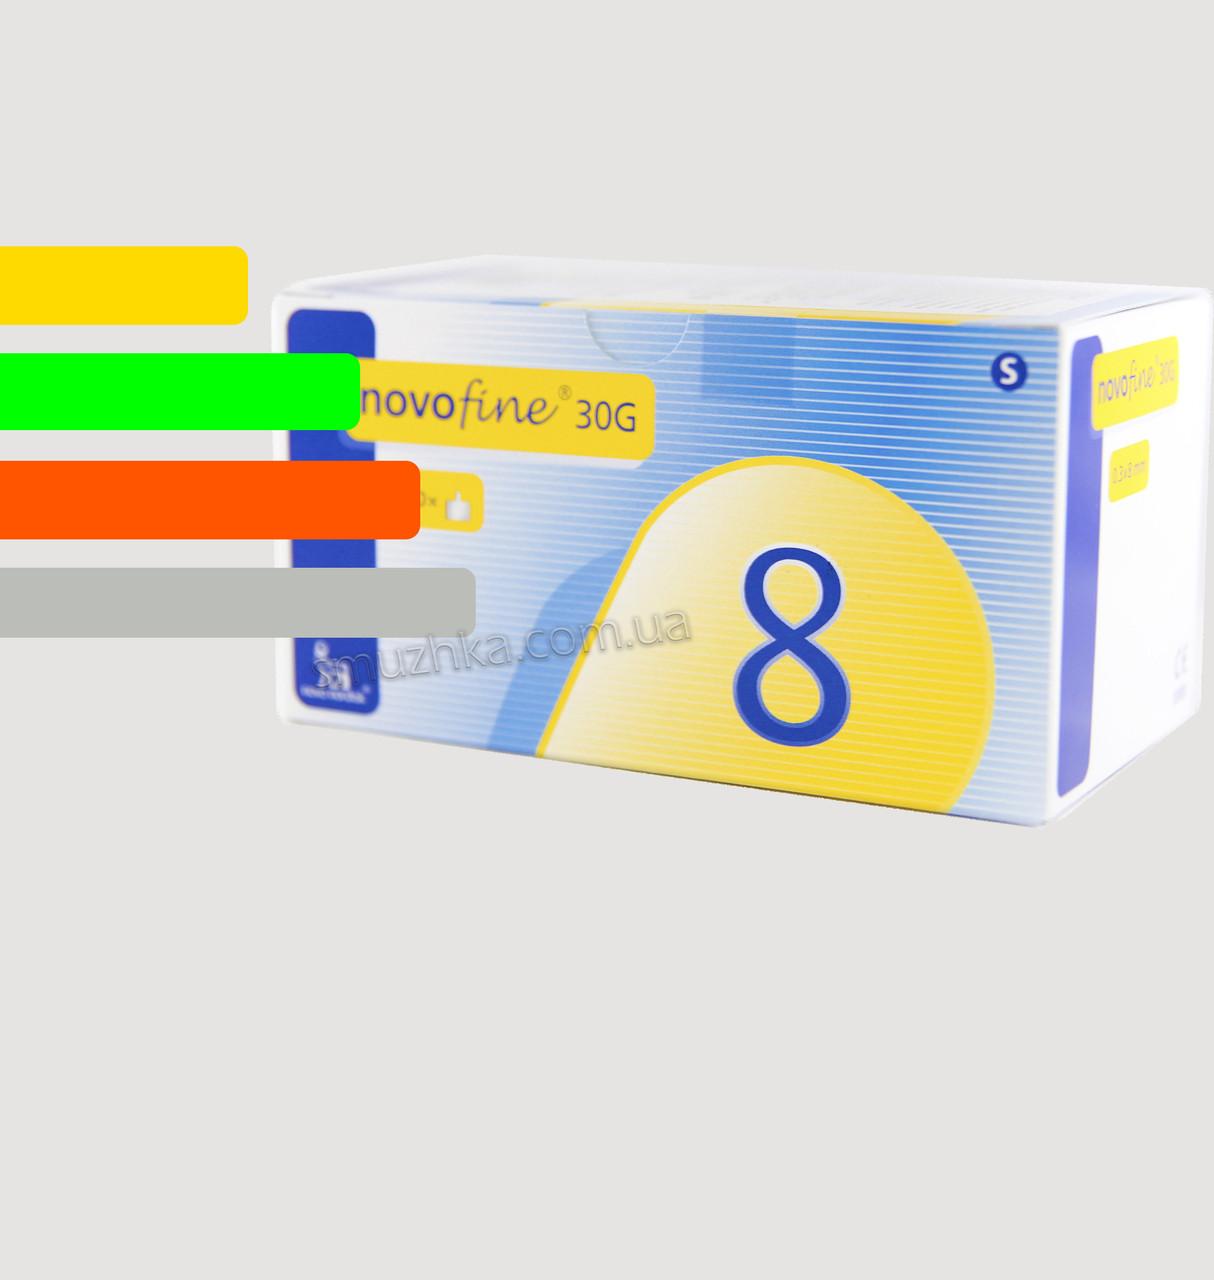 Иглы инсулиновые для шприц-ручек Новофайн 8 мм - Novofine 30G, #100